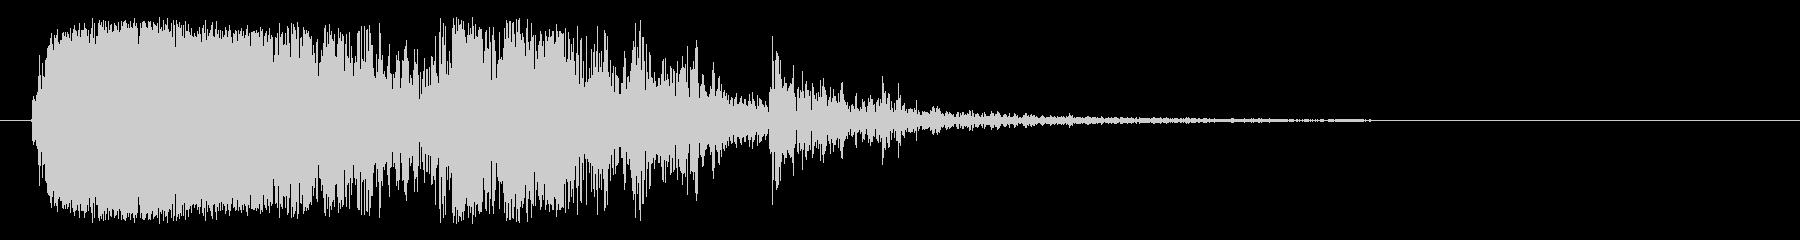 ガチャガチャ(金属がぶつかる音)の未再生の波形